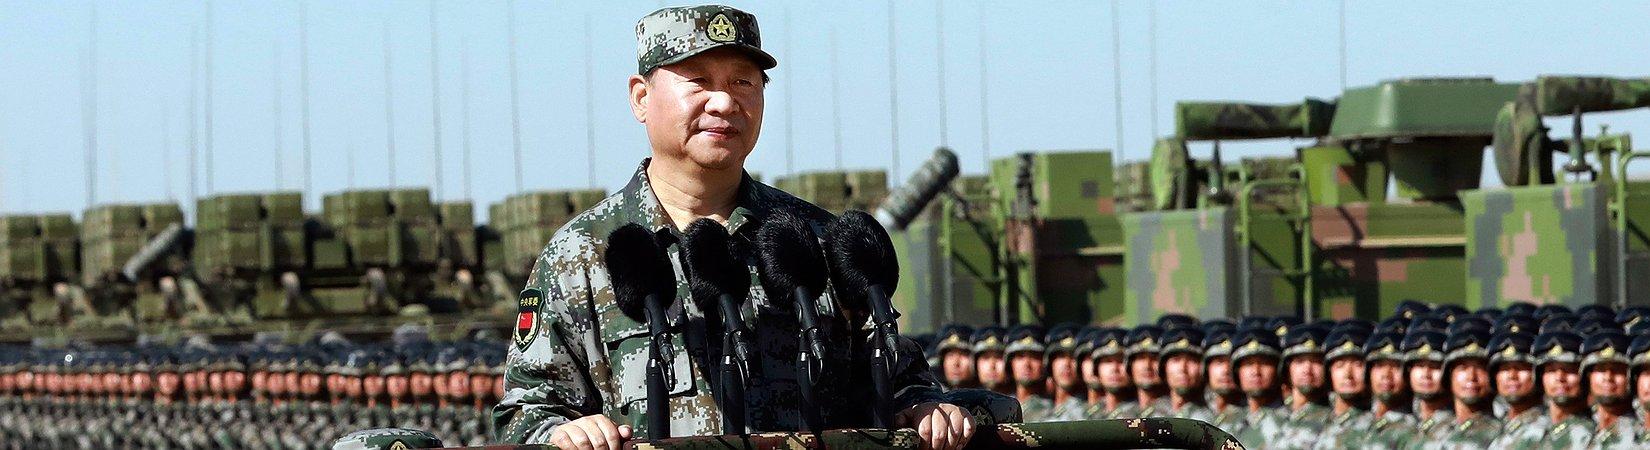 «Огонь и ярость»: Каковы шансы, что между США и Северной Кореей начнется война